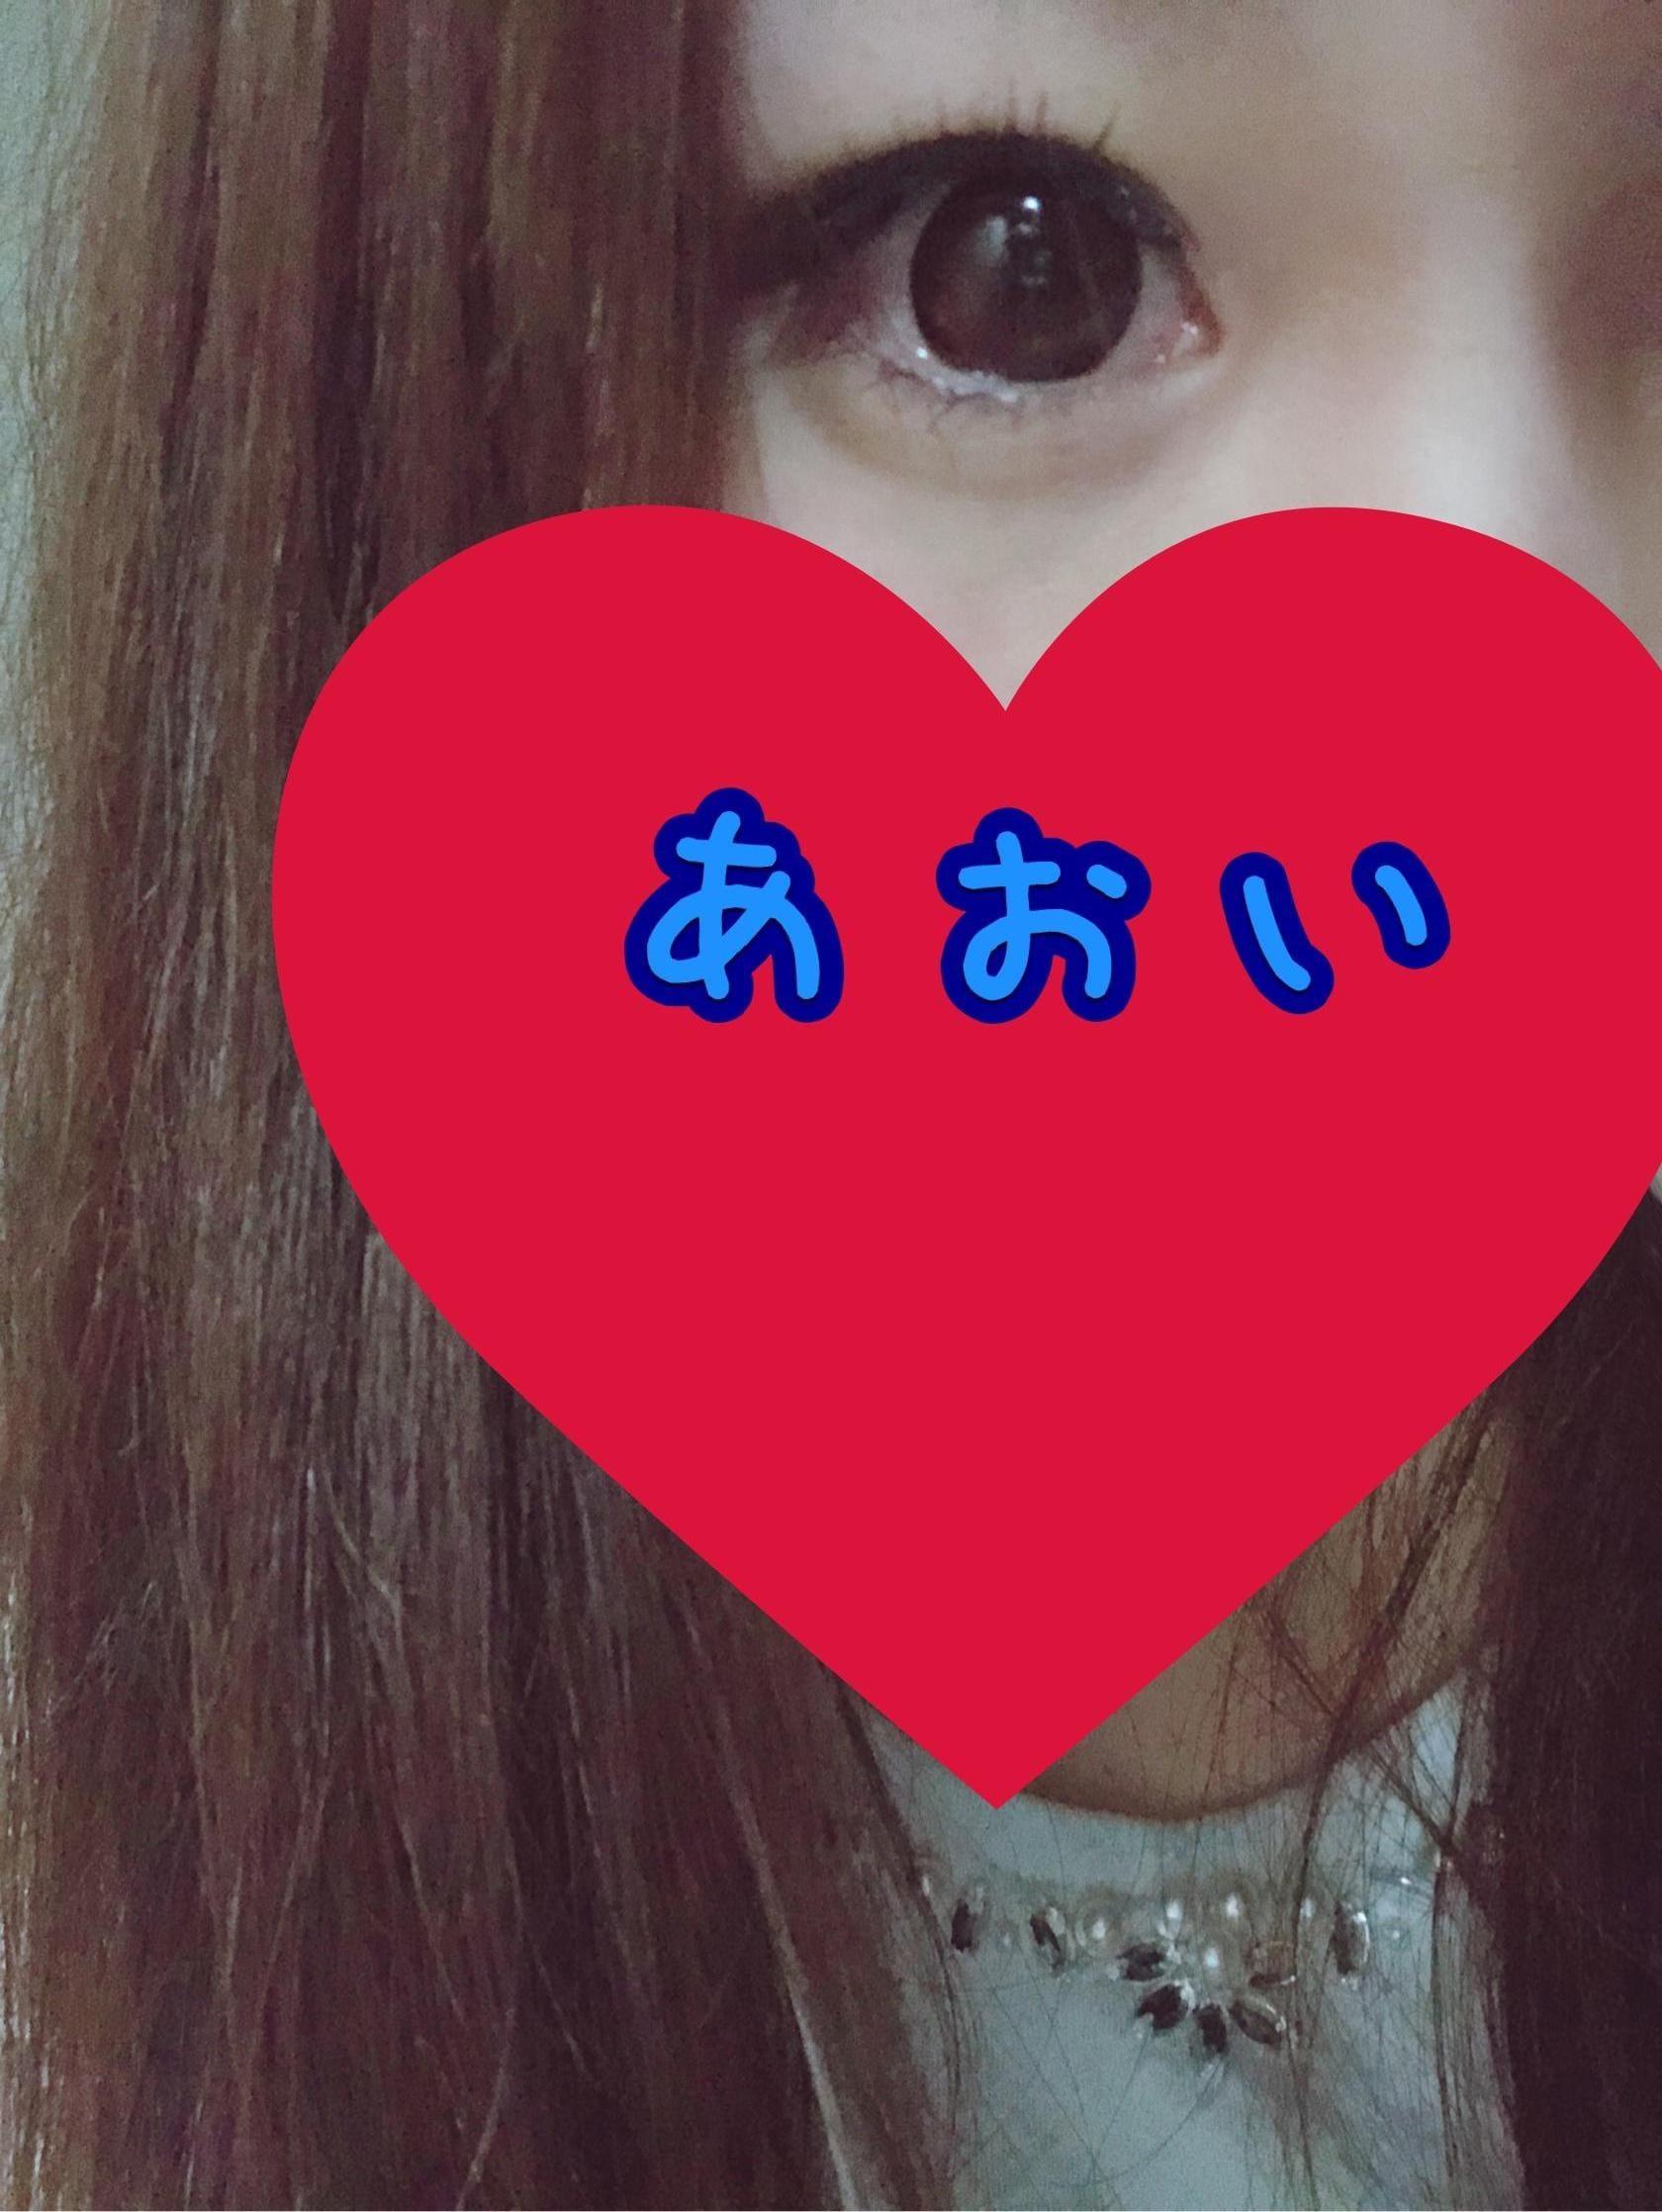 「こんばんは★」04/26(04/26) 20:36 | あおいの写メ・風俗動画